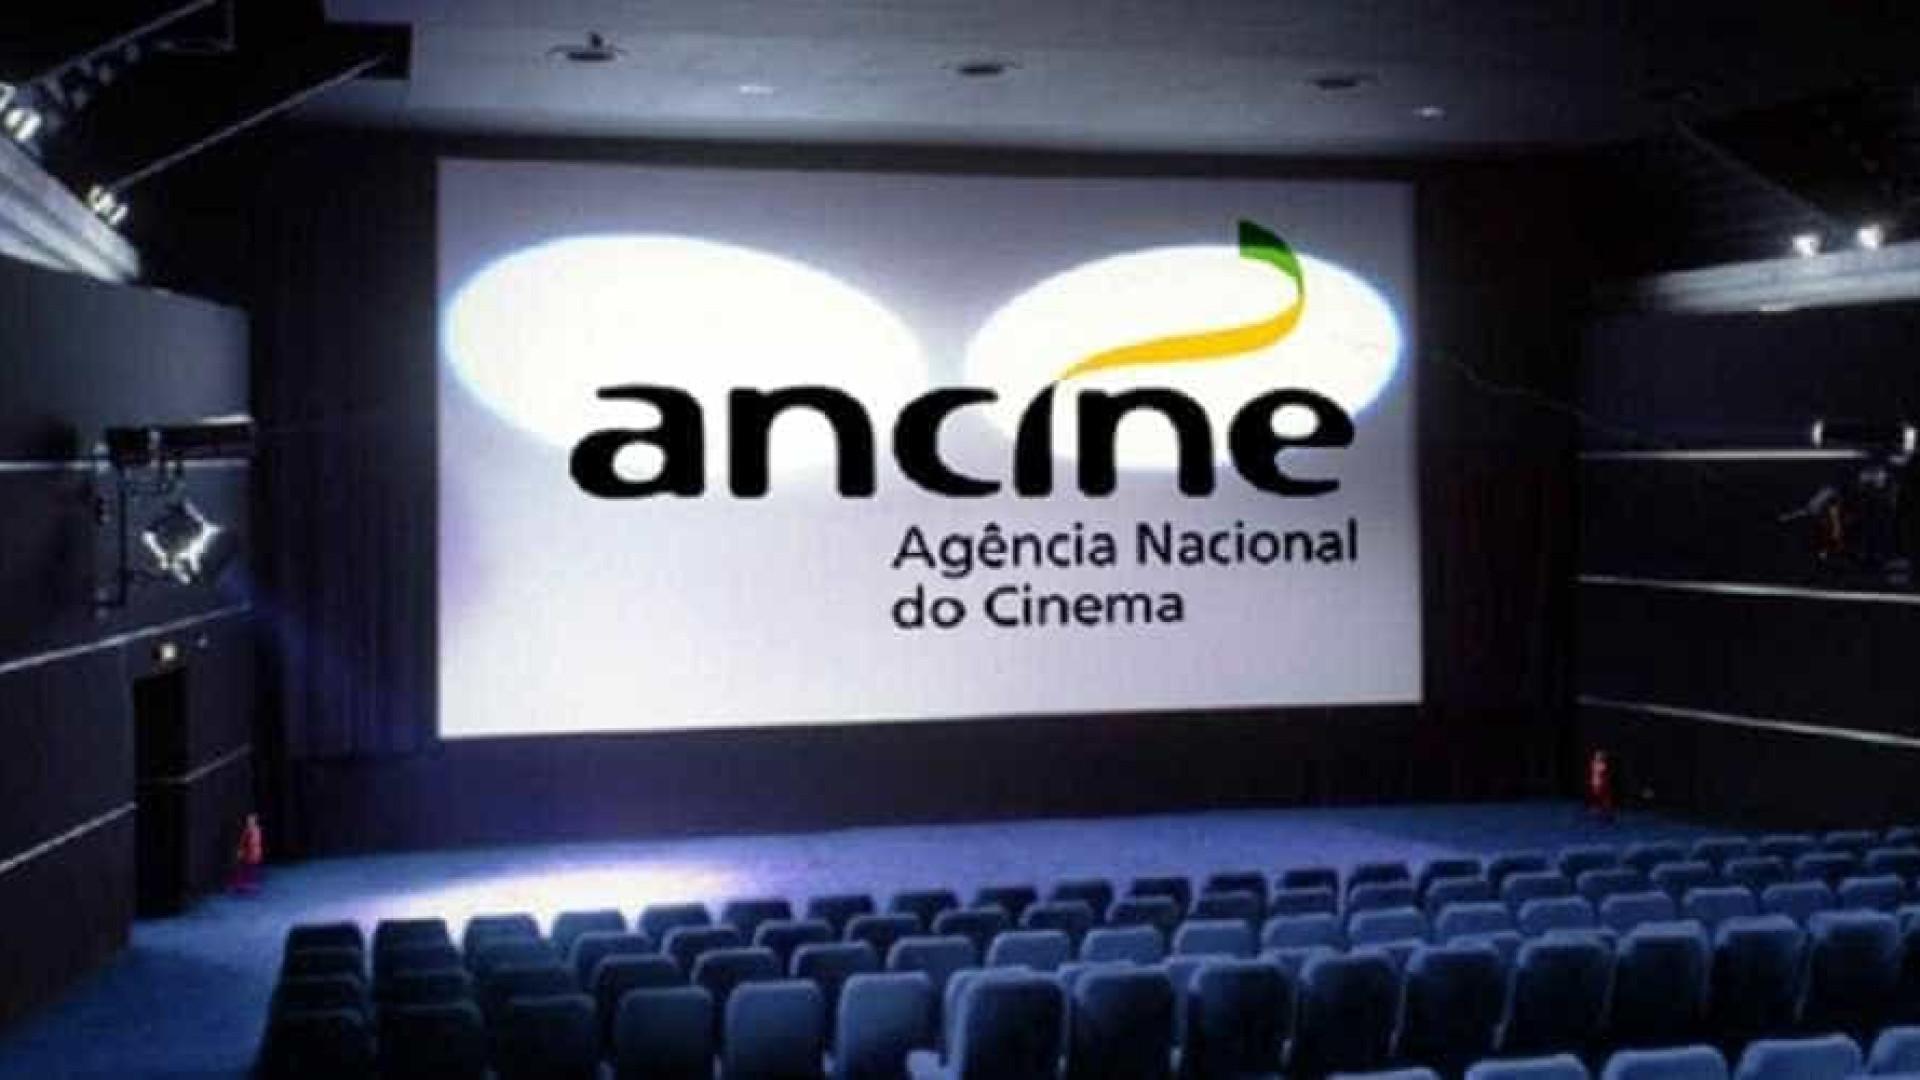 Ancine: Materiais de obras financiadas devem ter bandeira do Brasil